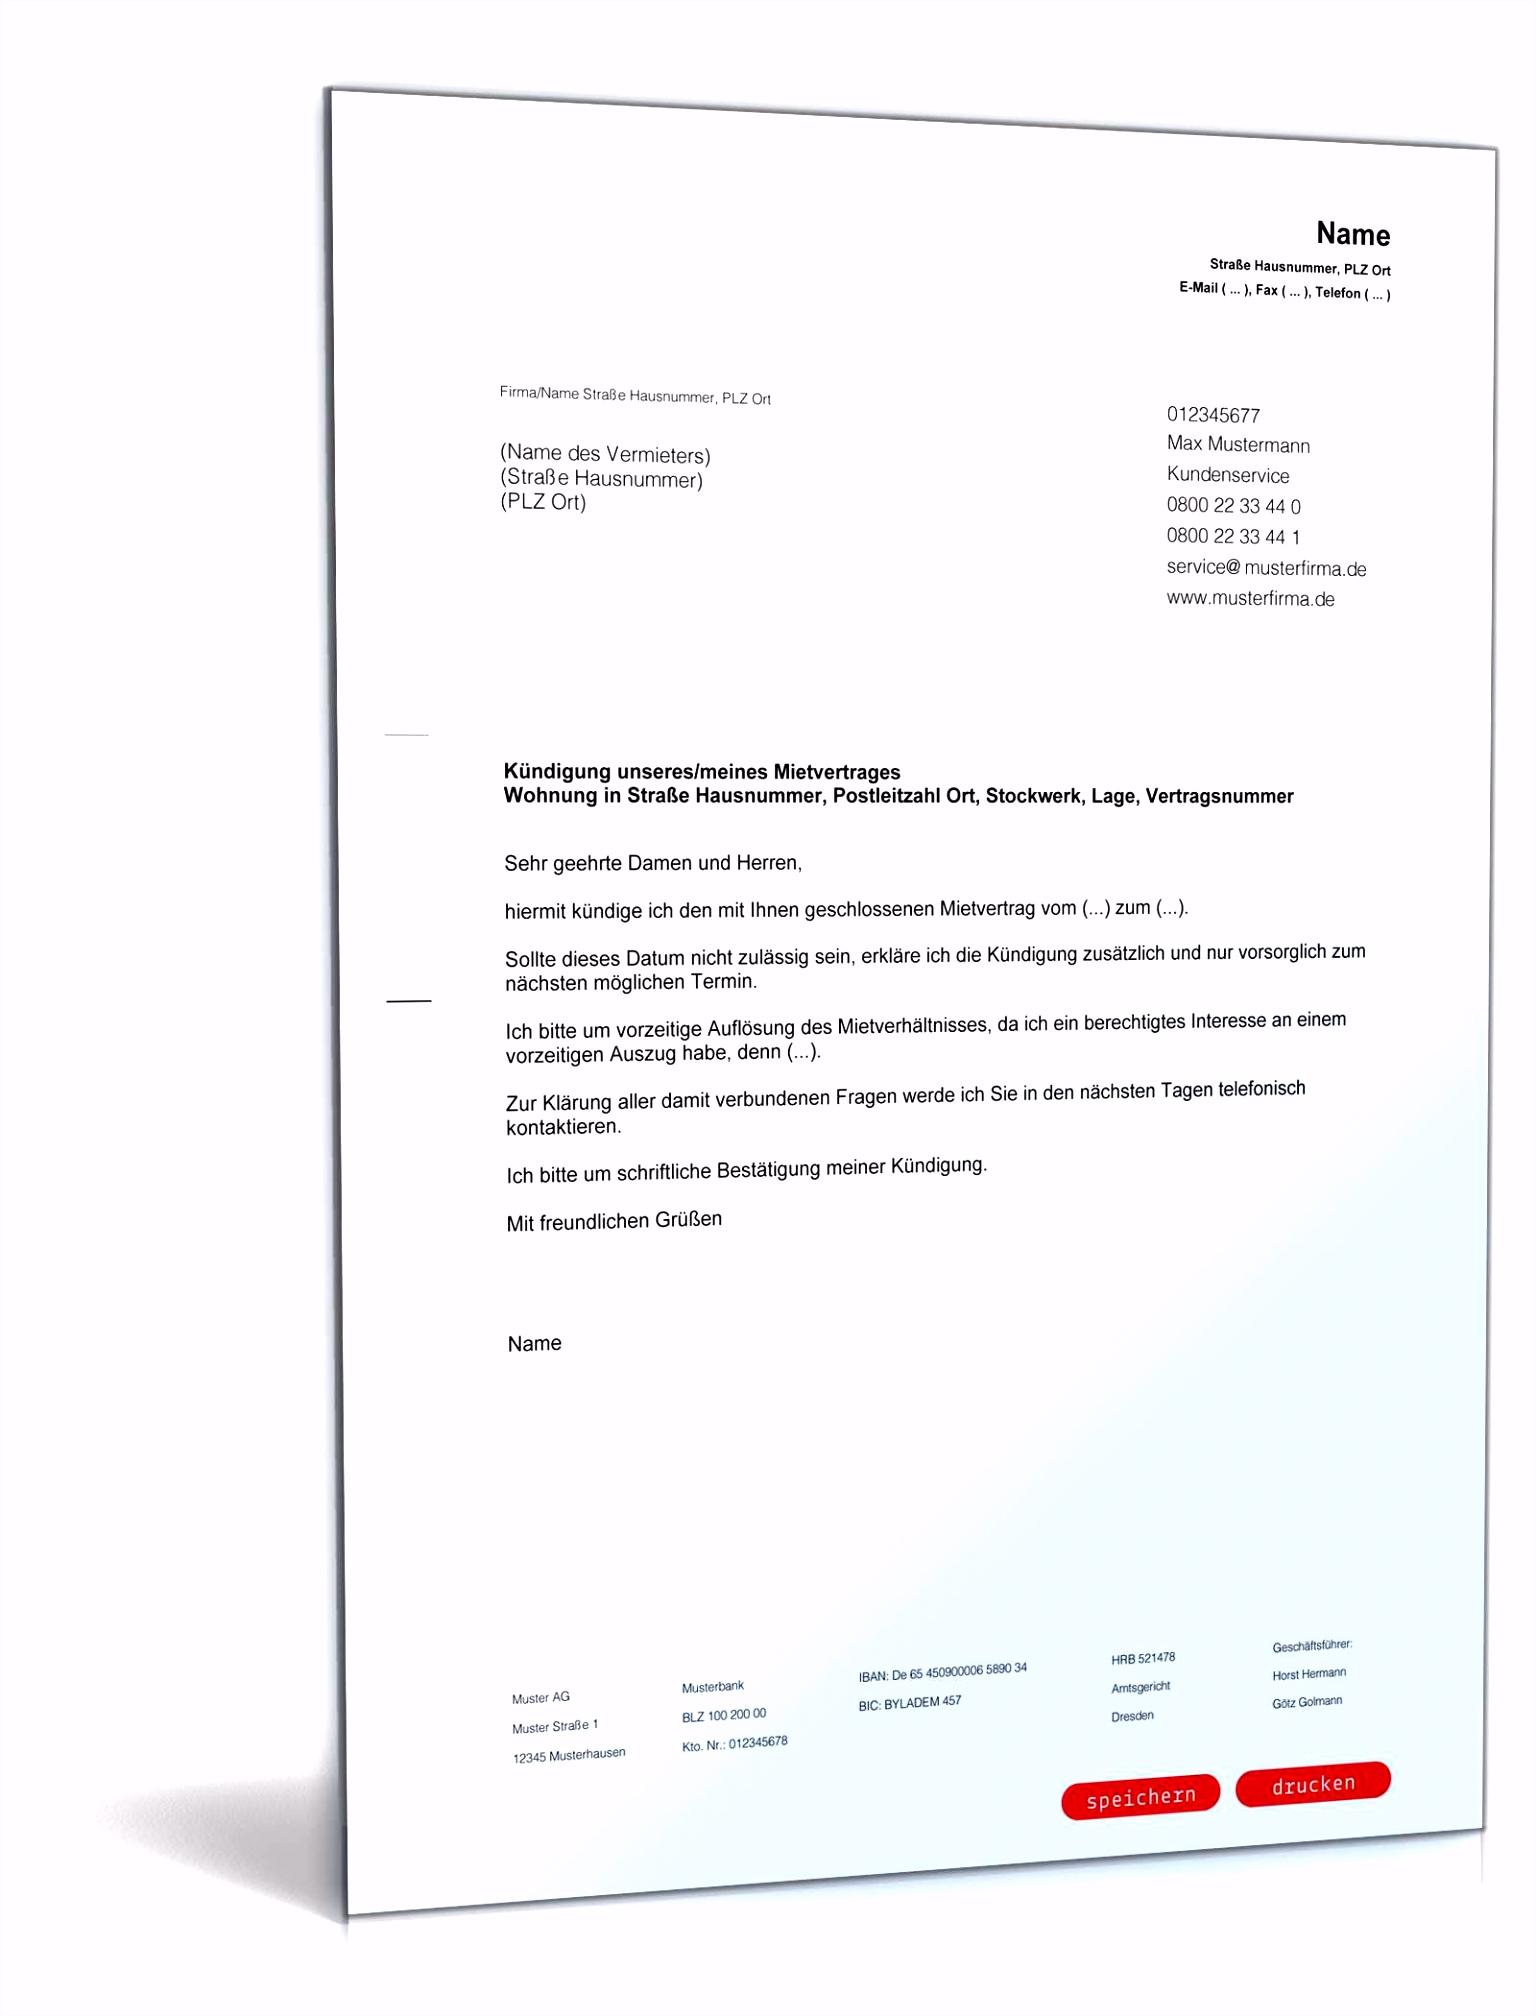 Kundigung Gemeinsamer Mietvertrag Vorlage 20 Kündigung Des Mietvertrages R8hf64bow4 I5qksmsddh